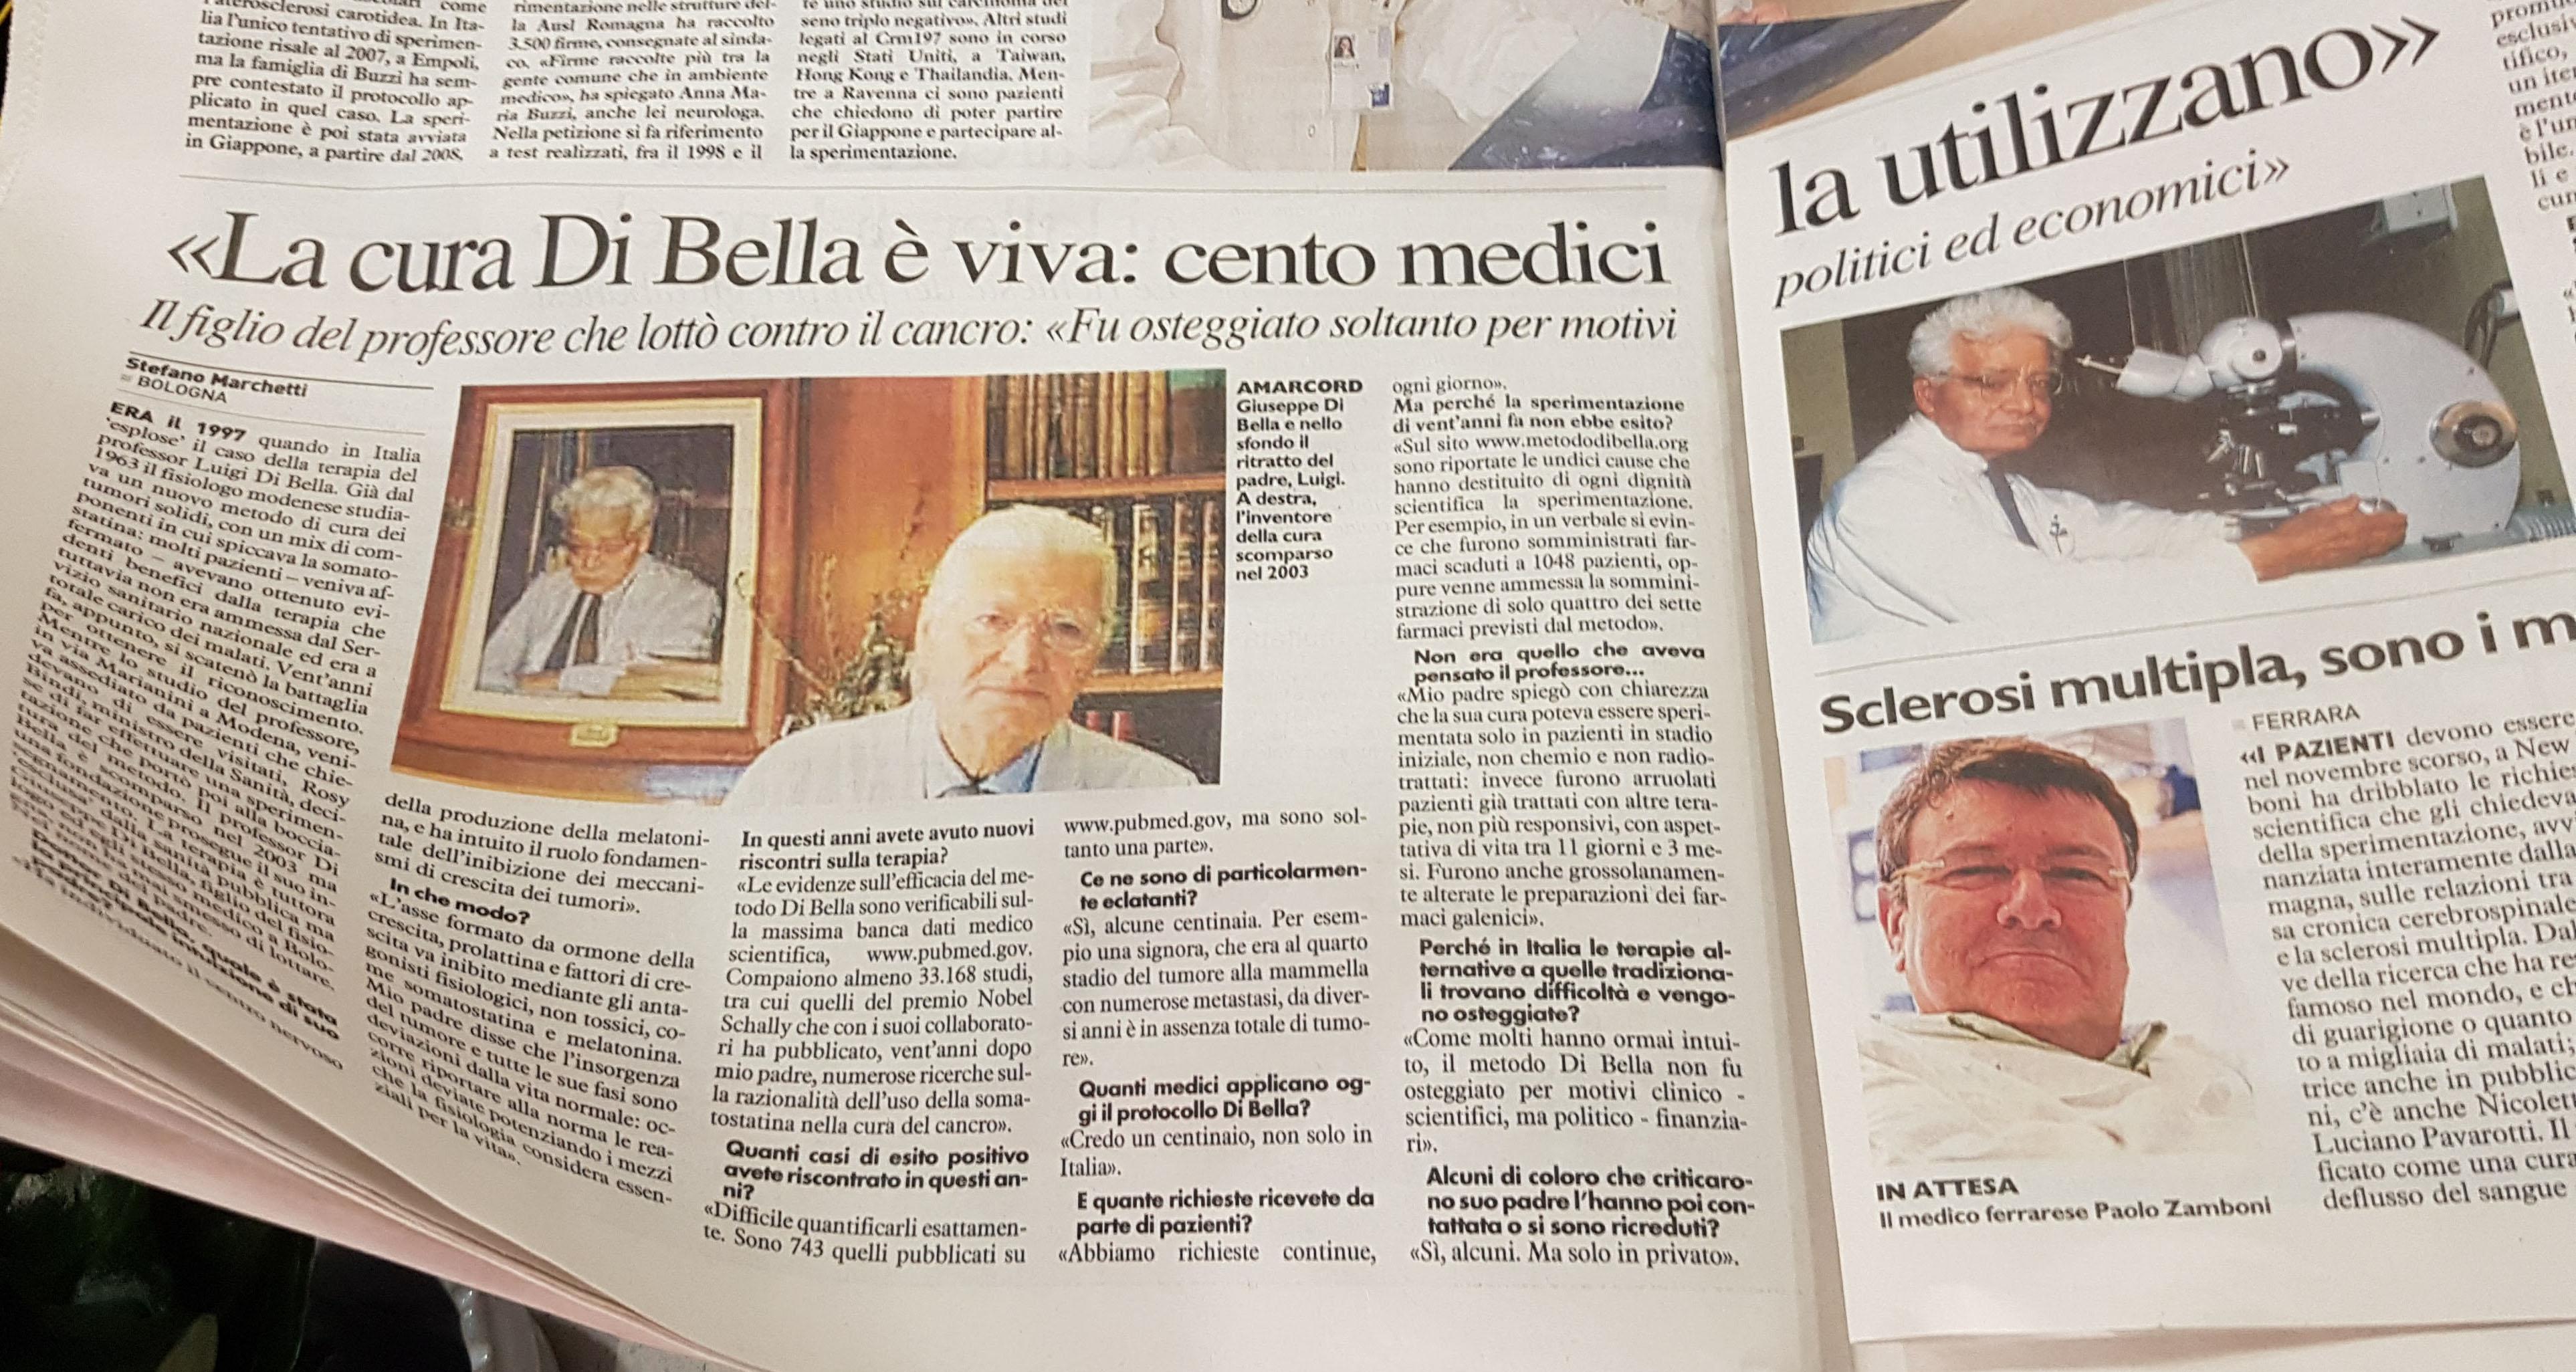 fc89c8d6e82 La pseudomedicina sui giornali — BUTAC - Bufale un tanto al chilo